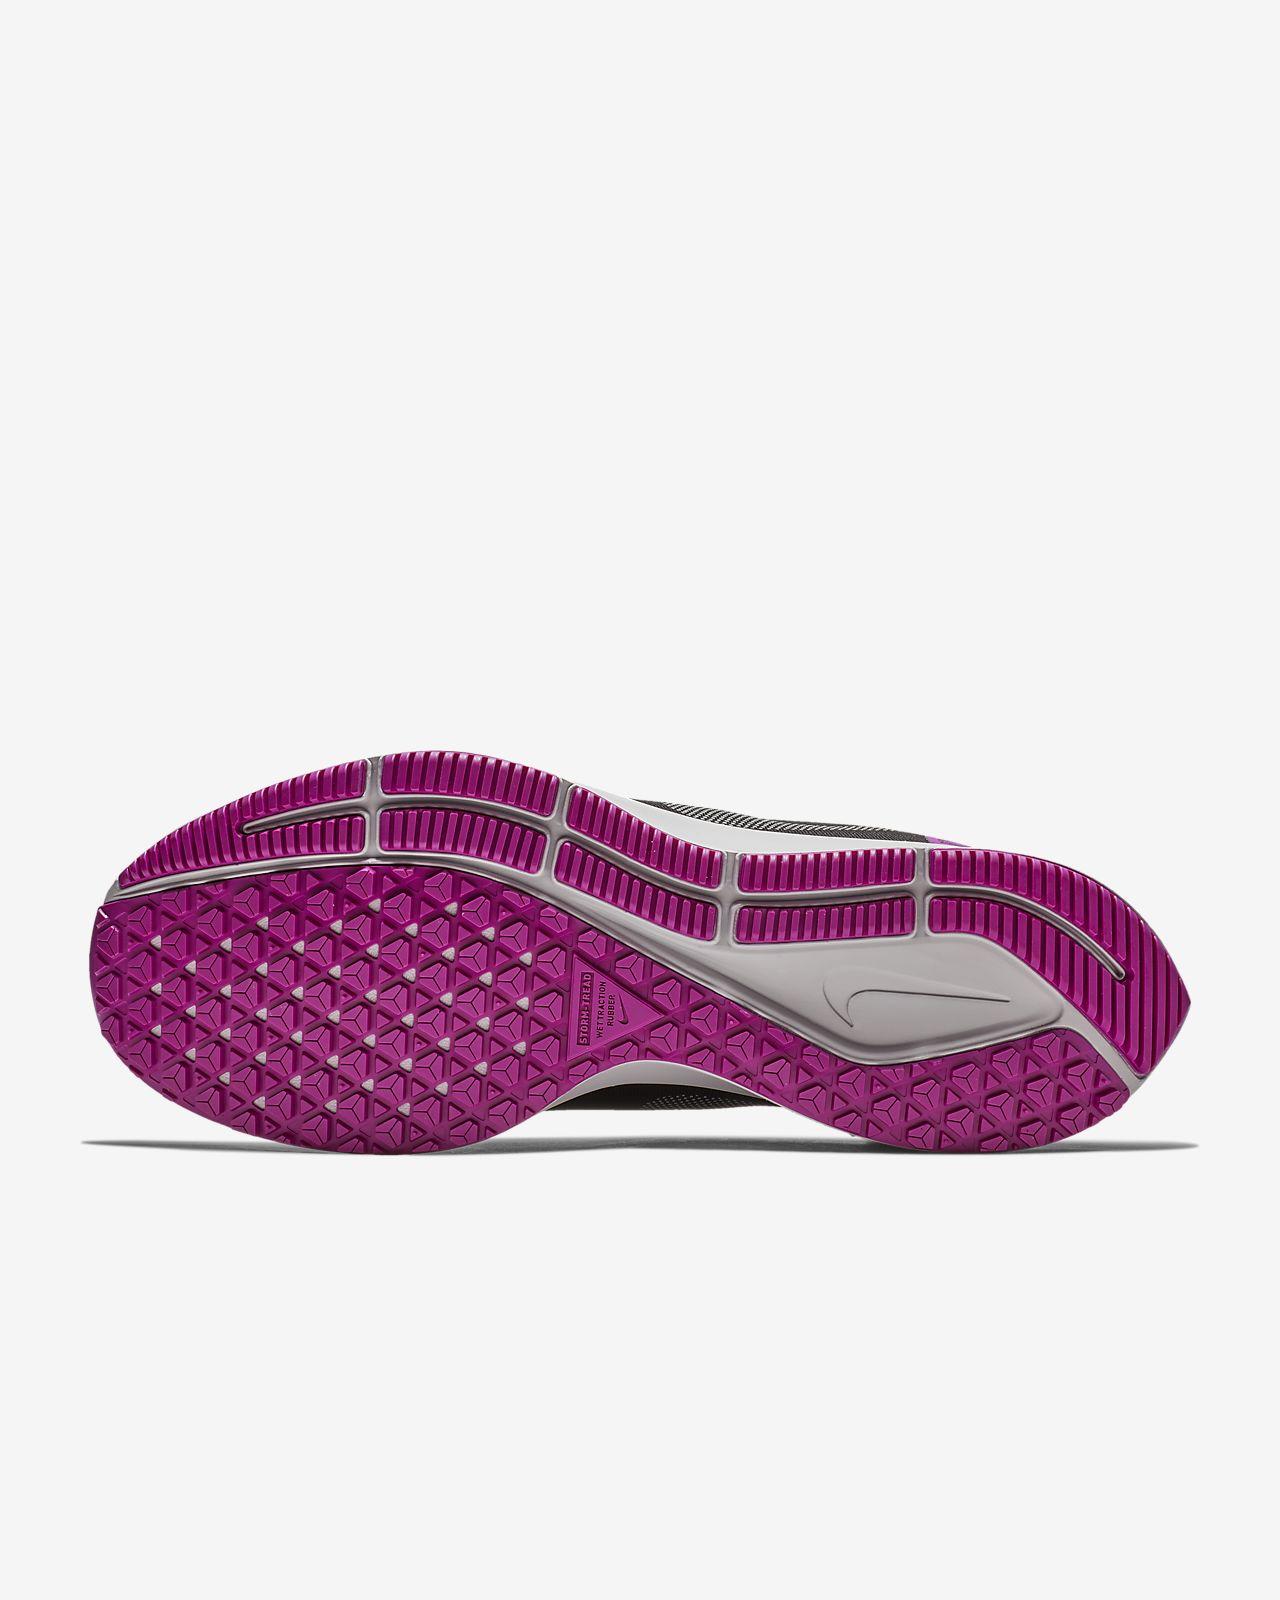 7744602b8cd4 ... Nike Air Zoom Pegasus 35 Shield NRG Water-Repellent Men s Running Shoe